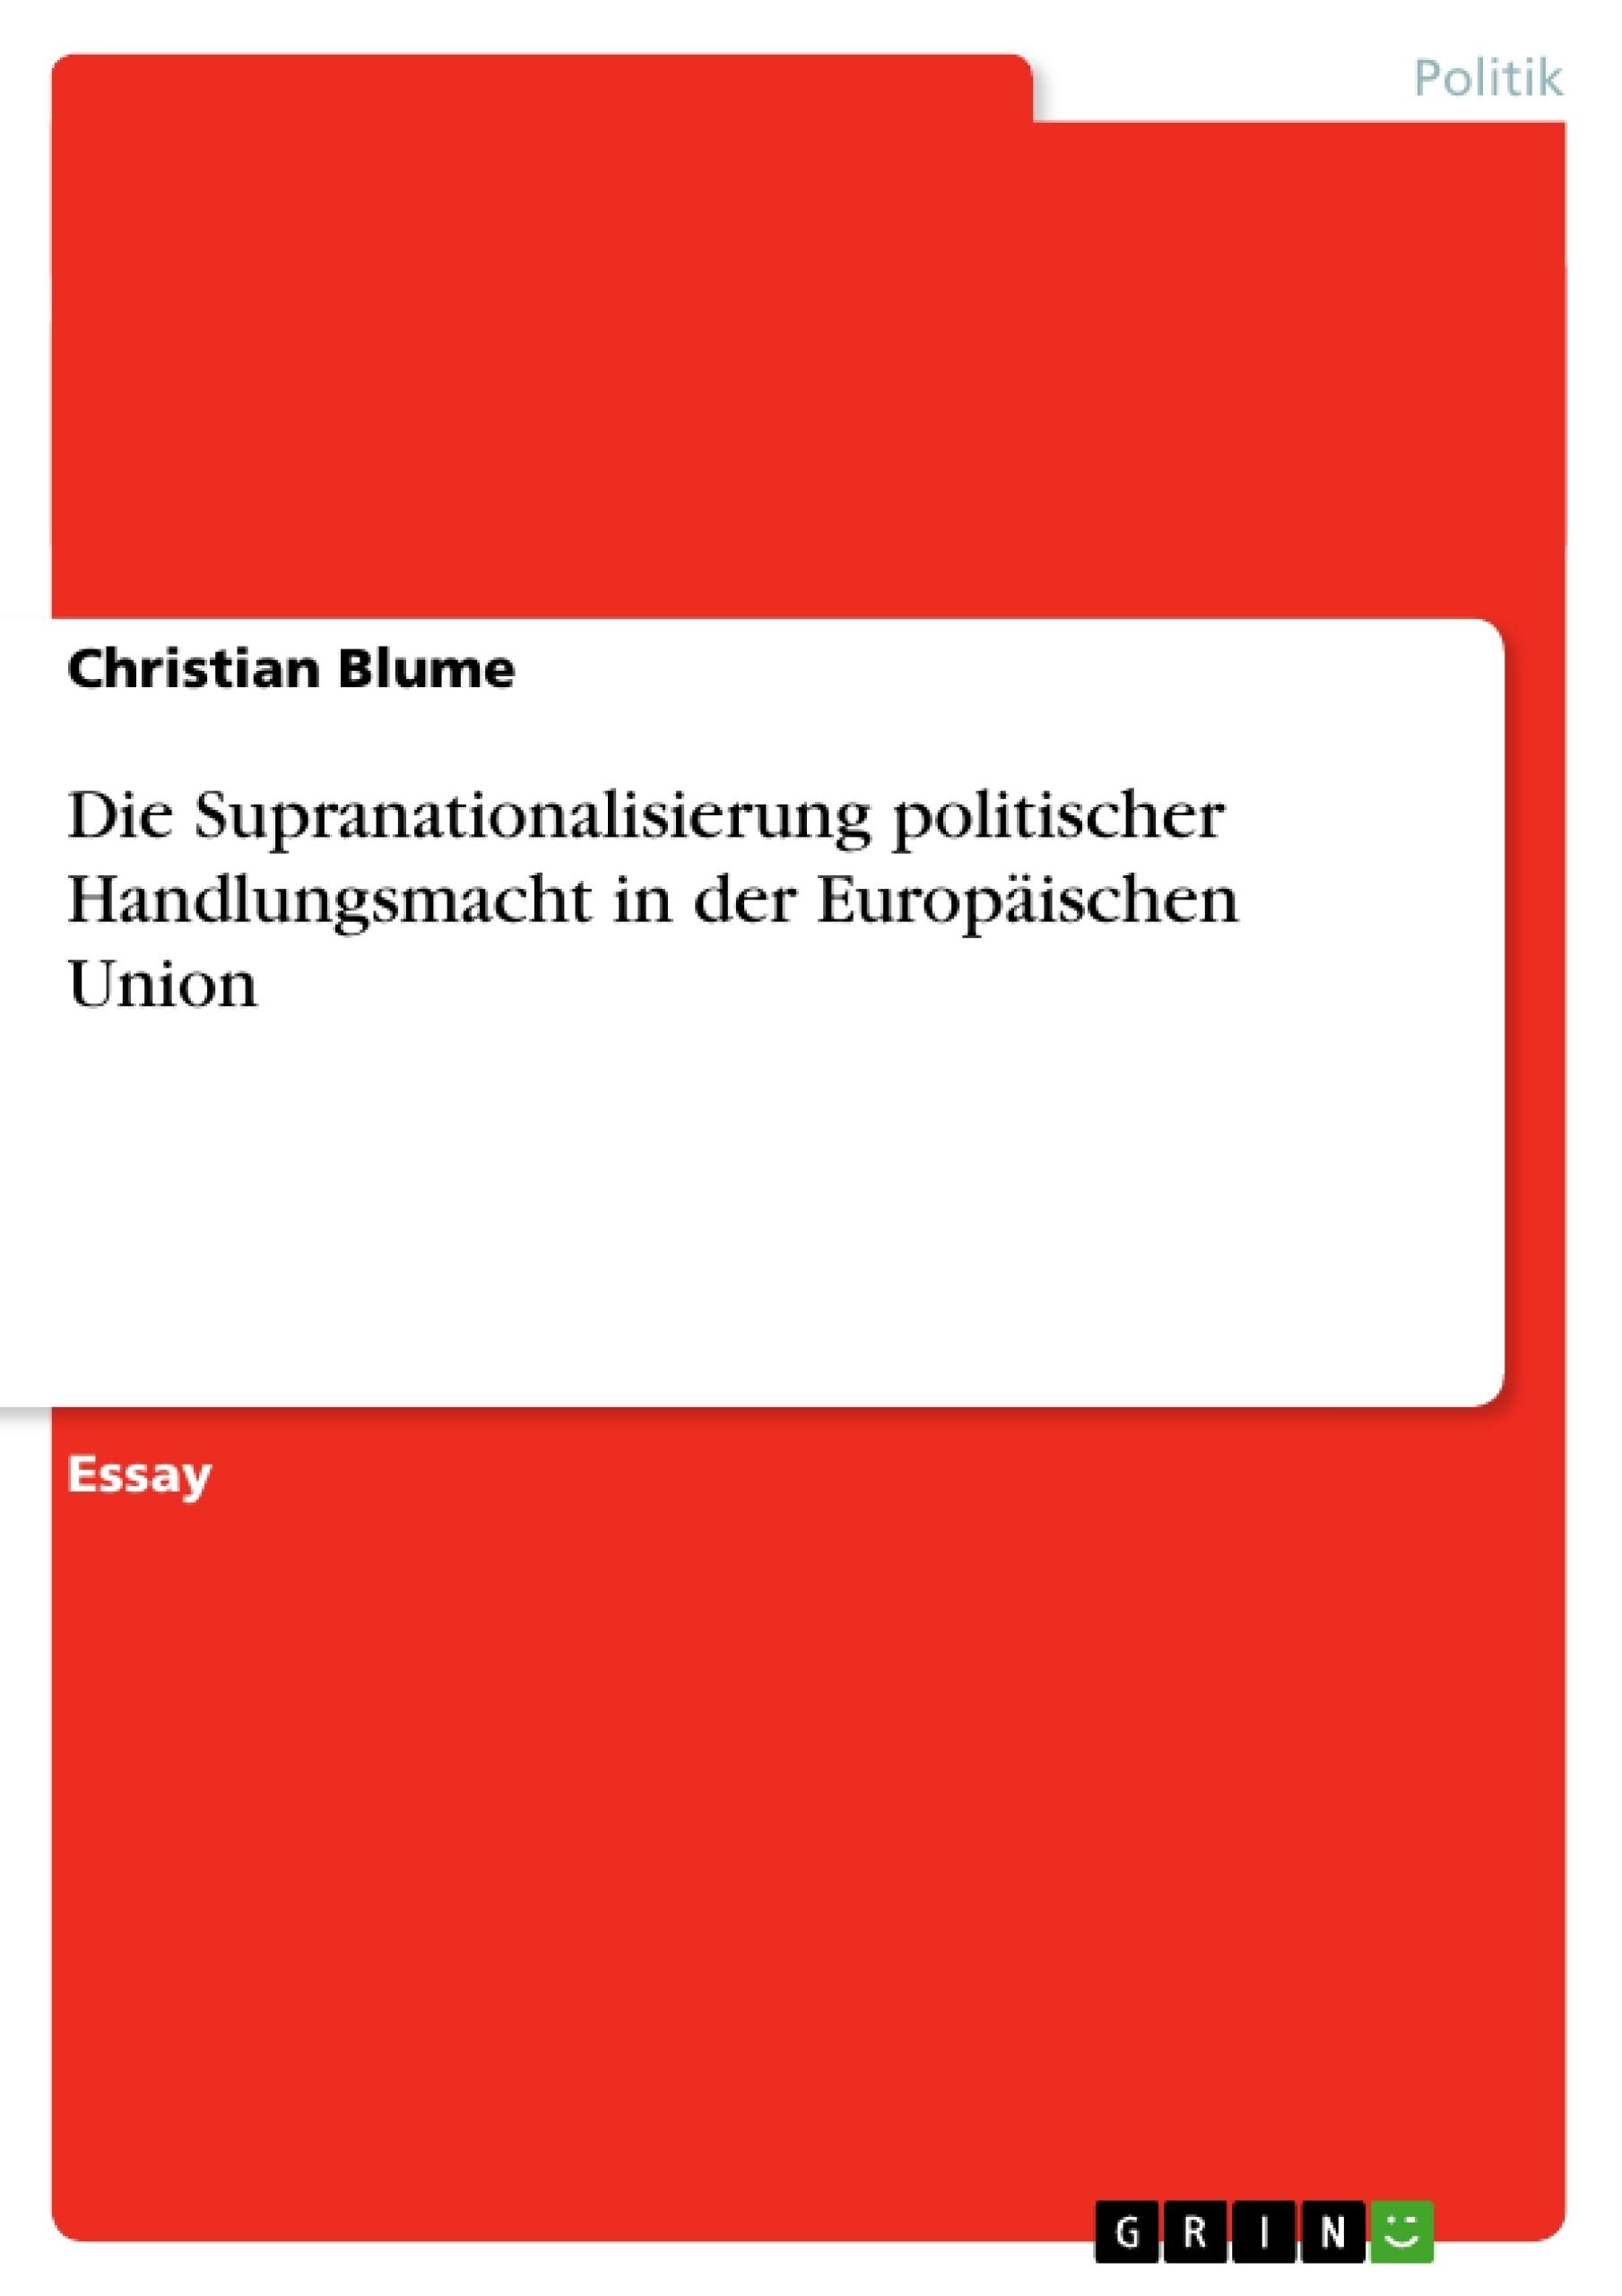 Titel: Die Supranationalisierung politischer Handlungsmacht in der Europäischen Union